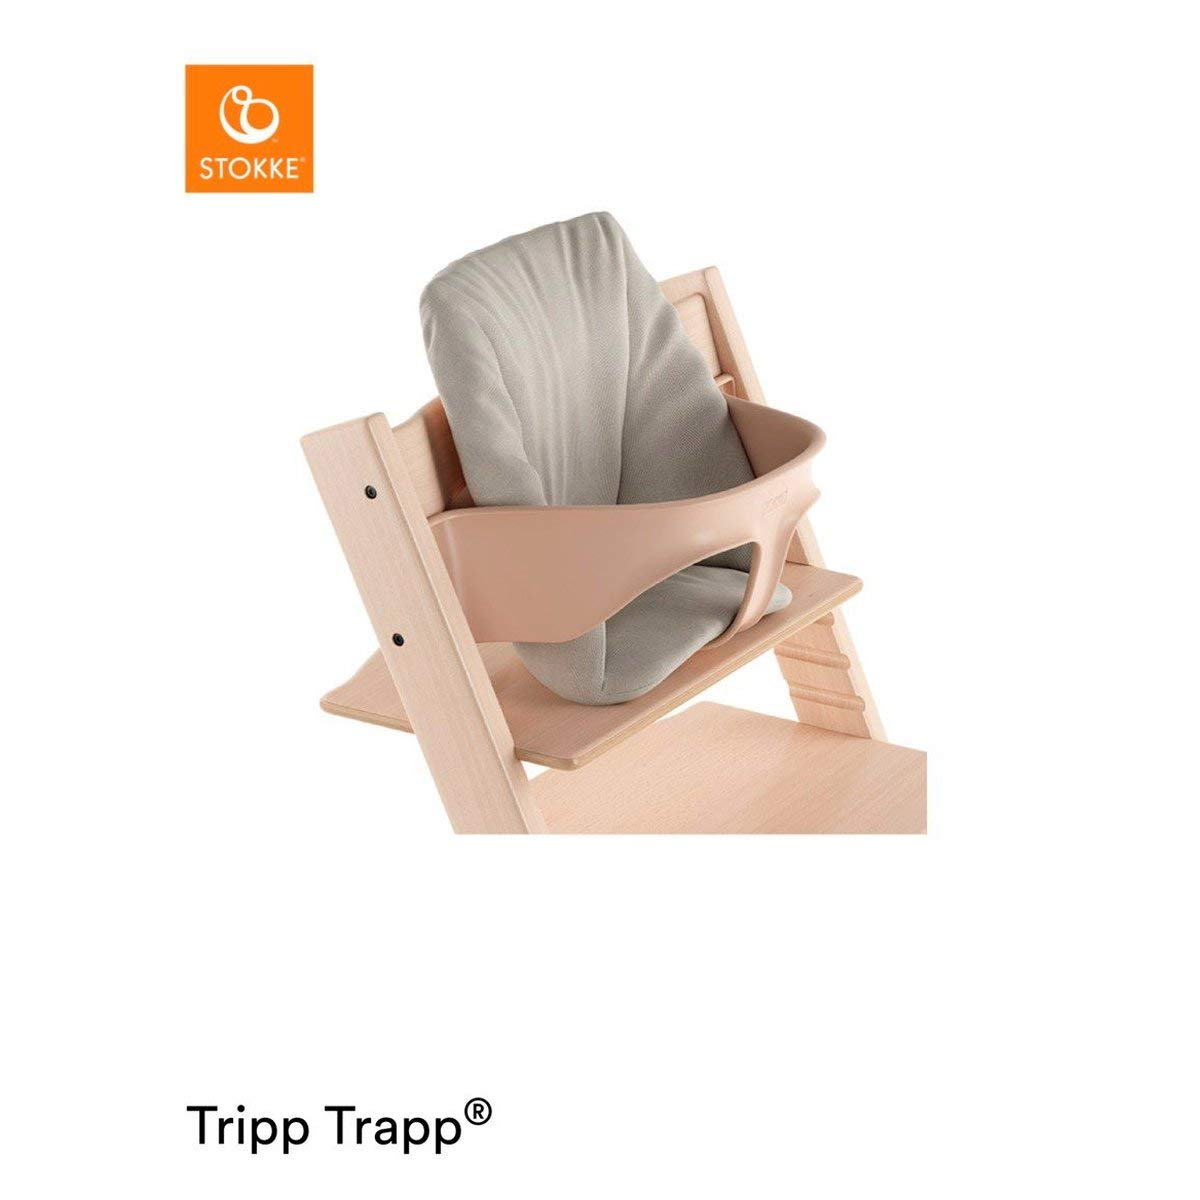 Hochstuhl-Kissen f/ür den Tripp Trapp Tripp Trapp Baby-Kissen Farbe: Sweet Hearts F/ür Babys von 6-18 Monaten